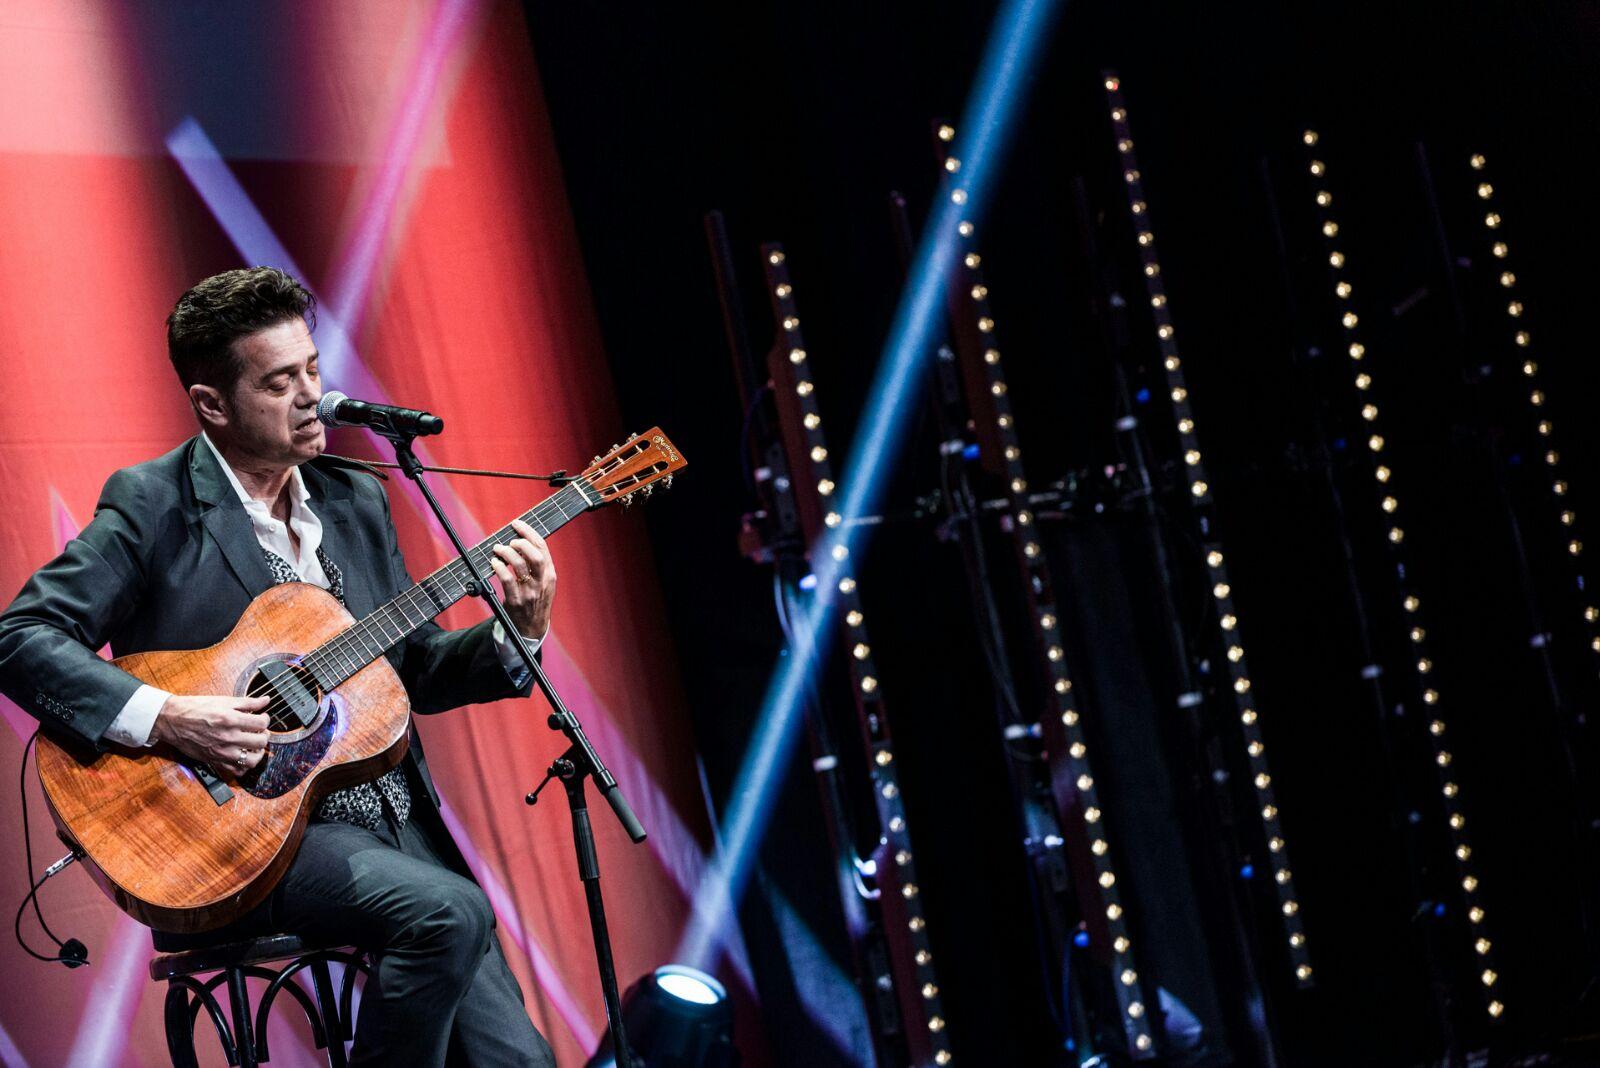 Santiago Auserón, Premio a la Trayectoria en los XVIII Premios de la Música Aragonesa